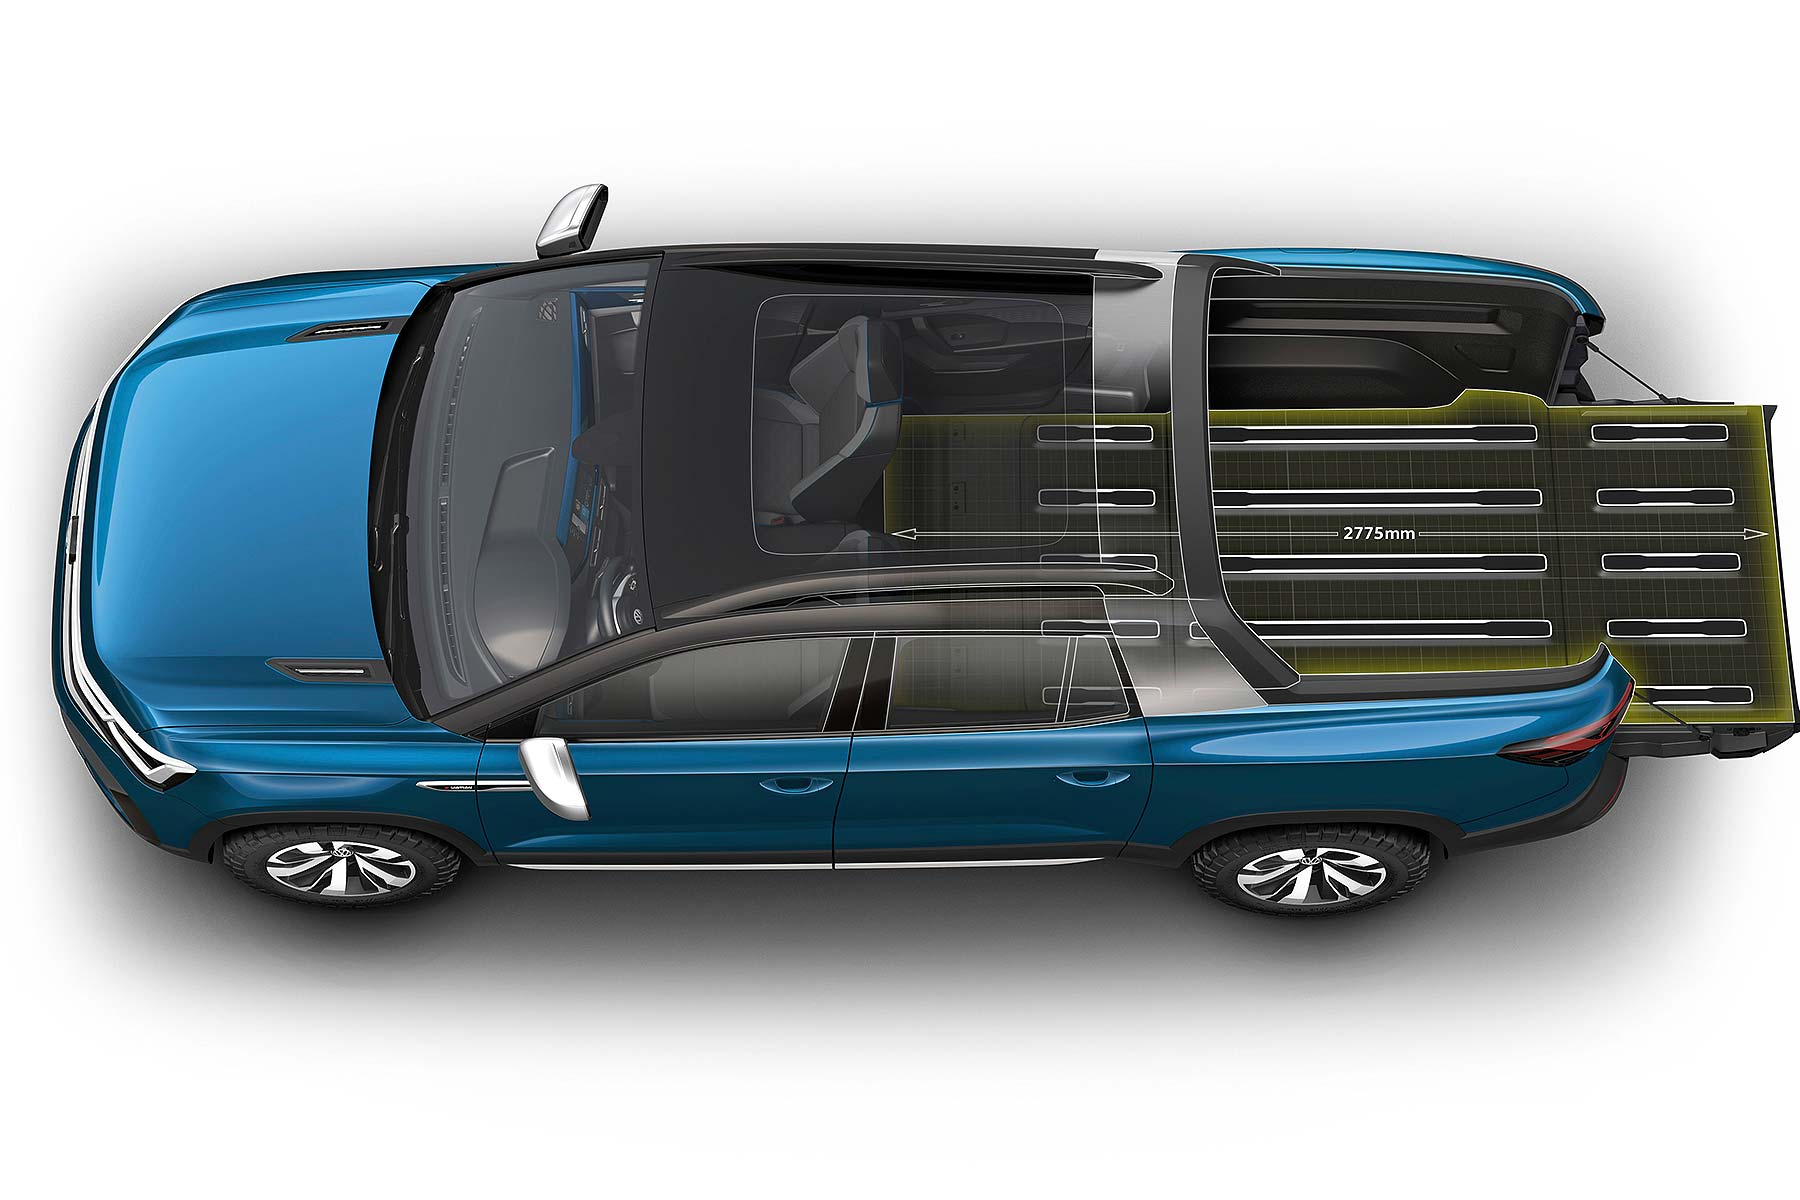 Volkswagen Tarok Concept pickup